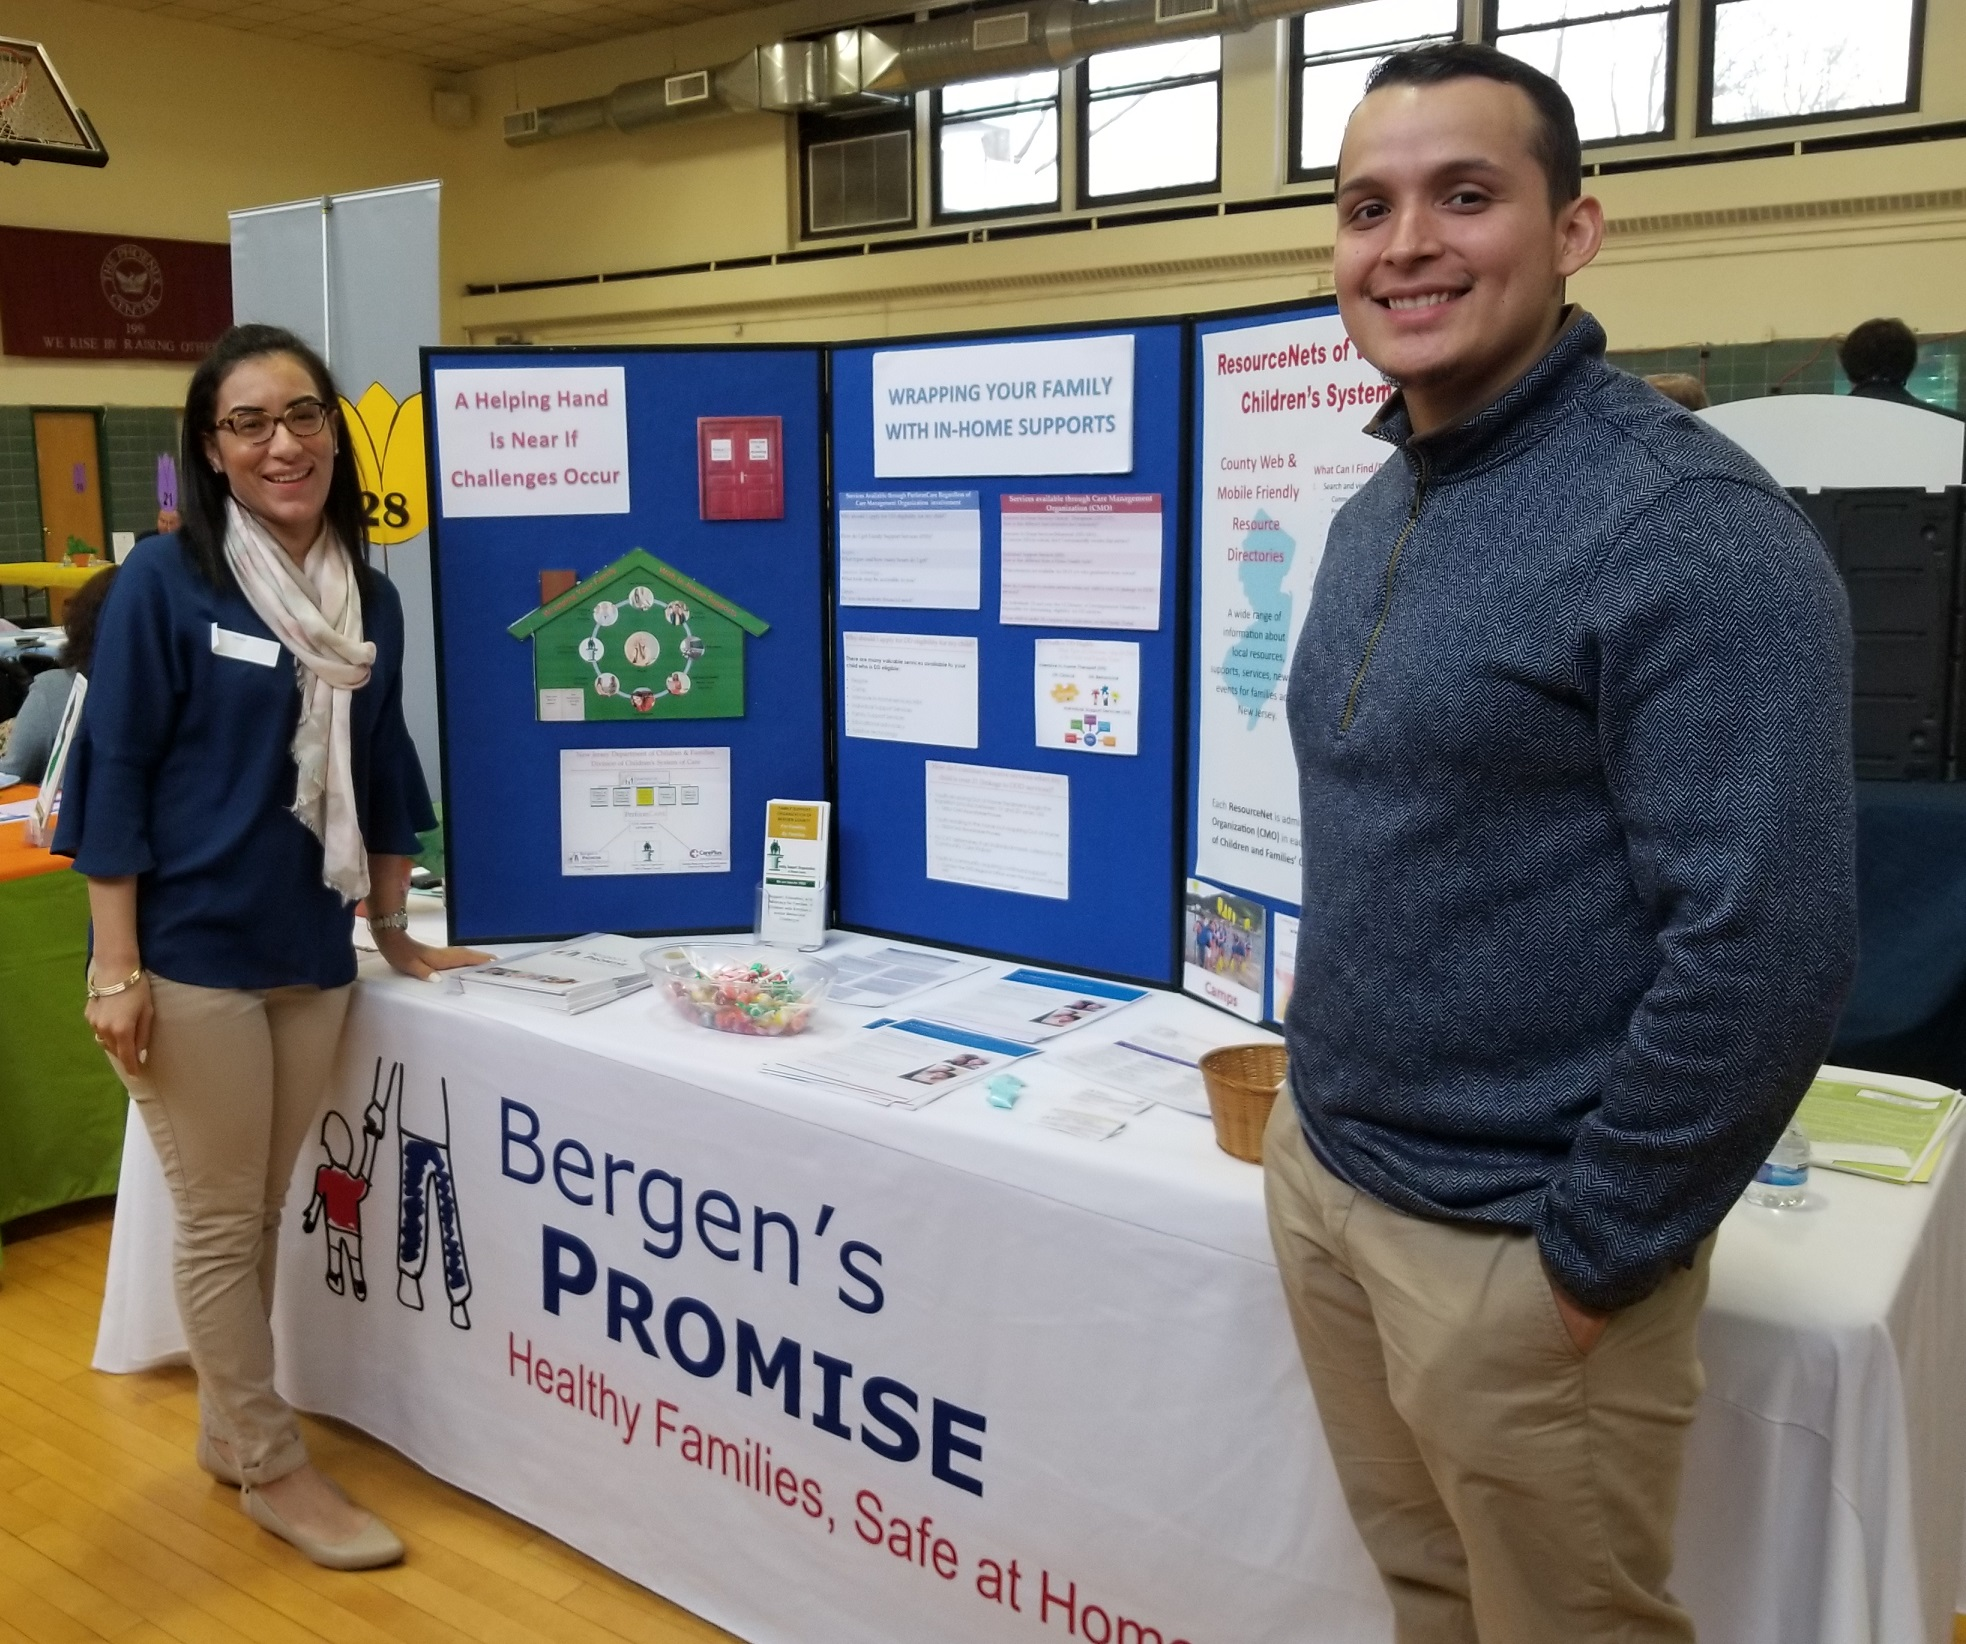 Bergen's Promise Exhibits at Phoenix Center Transition Fair